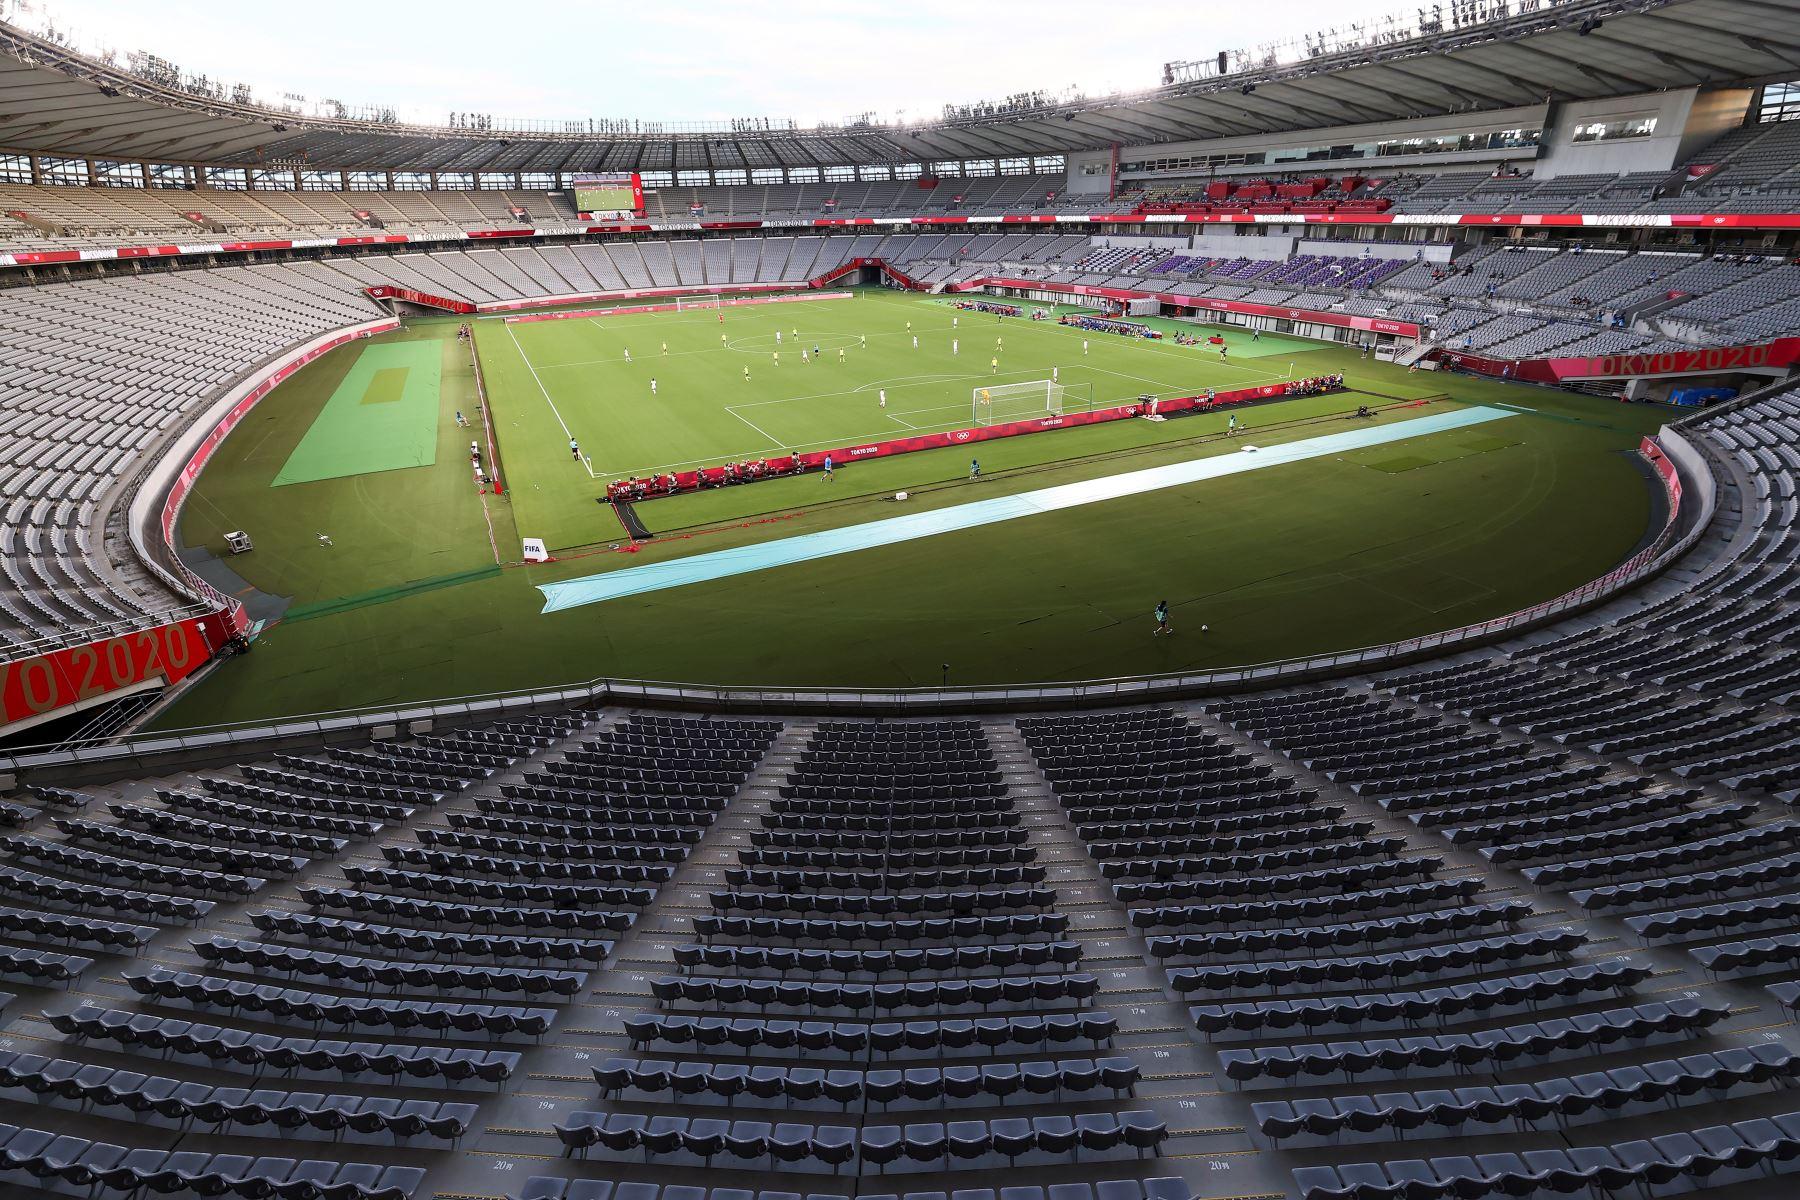 Vista general del partido olímpico de fútbol femenino entre Suecia y Estados Unidos, que se desarrolla sin espectadores en el Estadio de Tokio en Tokio, Japón. Foto: EFE